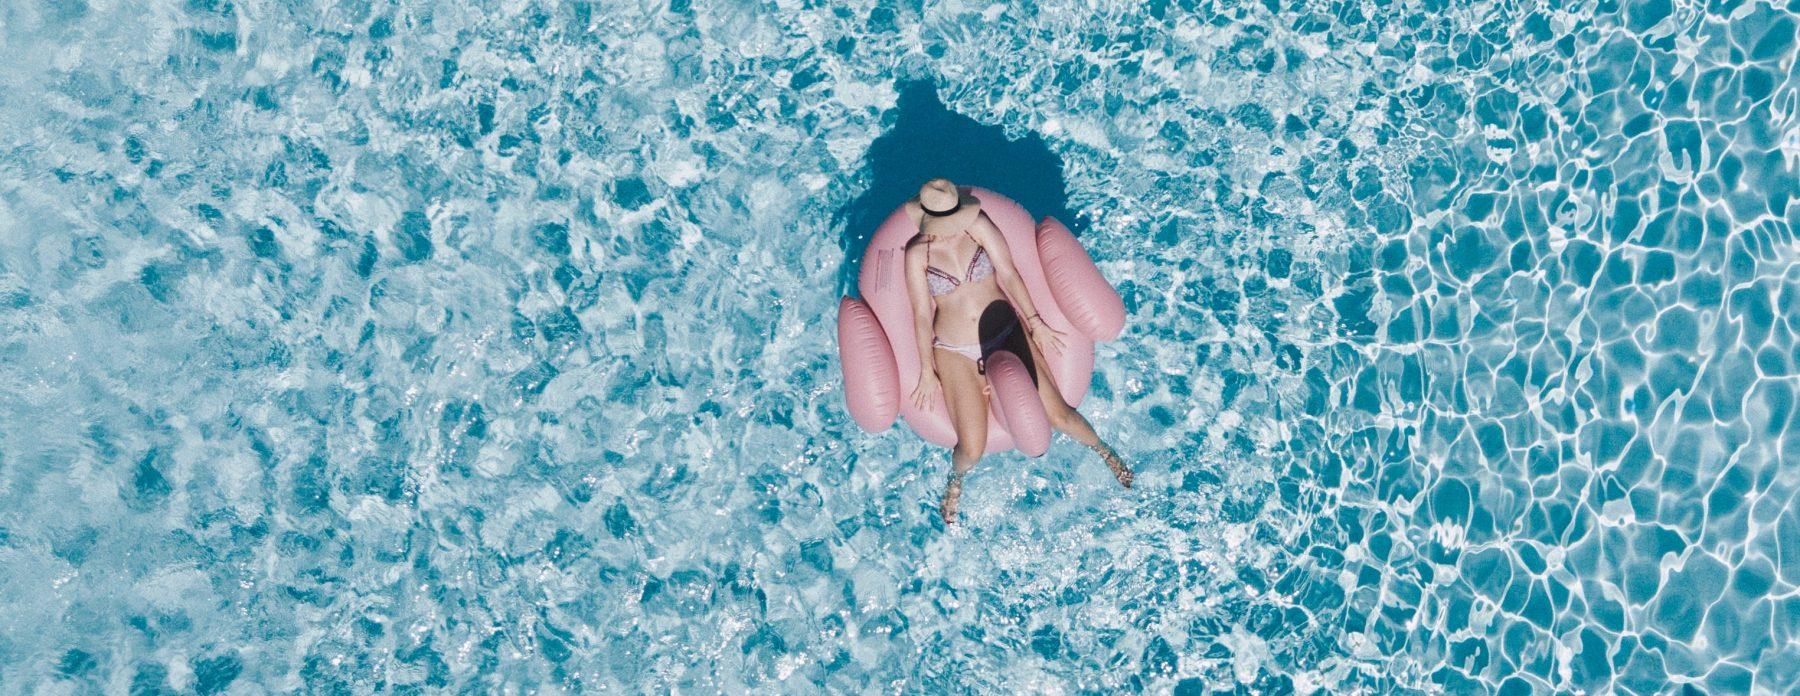 Femme installée dans une bouée vue du dessus